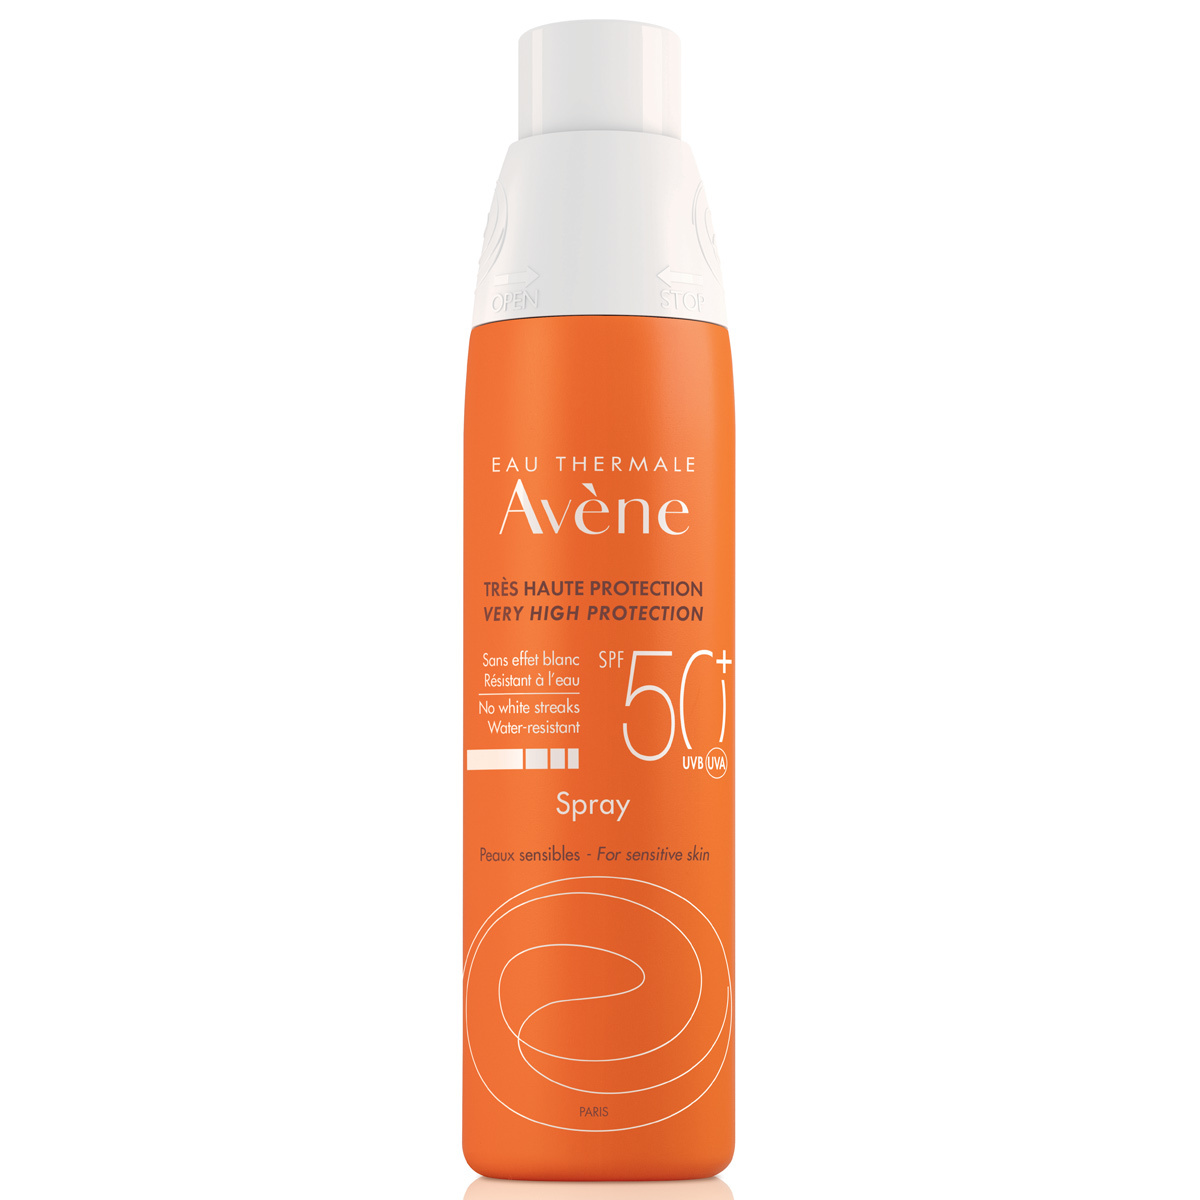 Spray para pieles sensibles SPF 50 alta protección de Avène (24,80 euros).